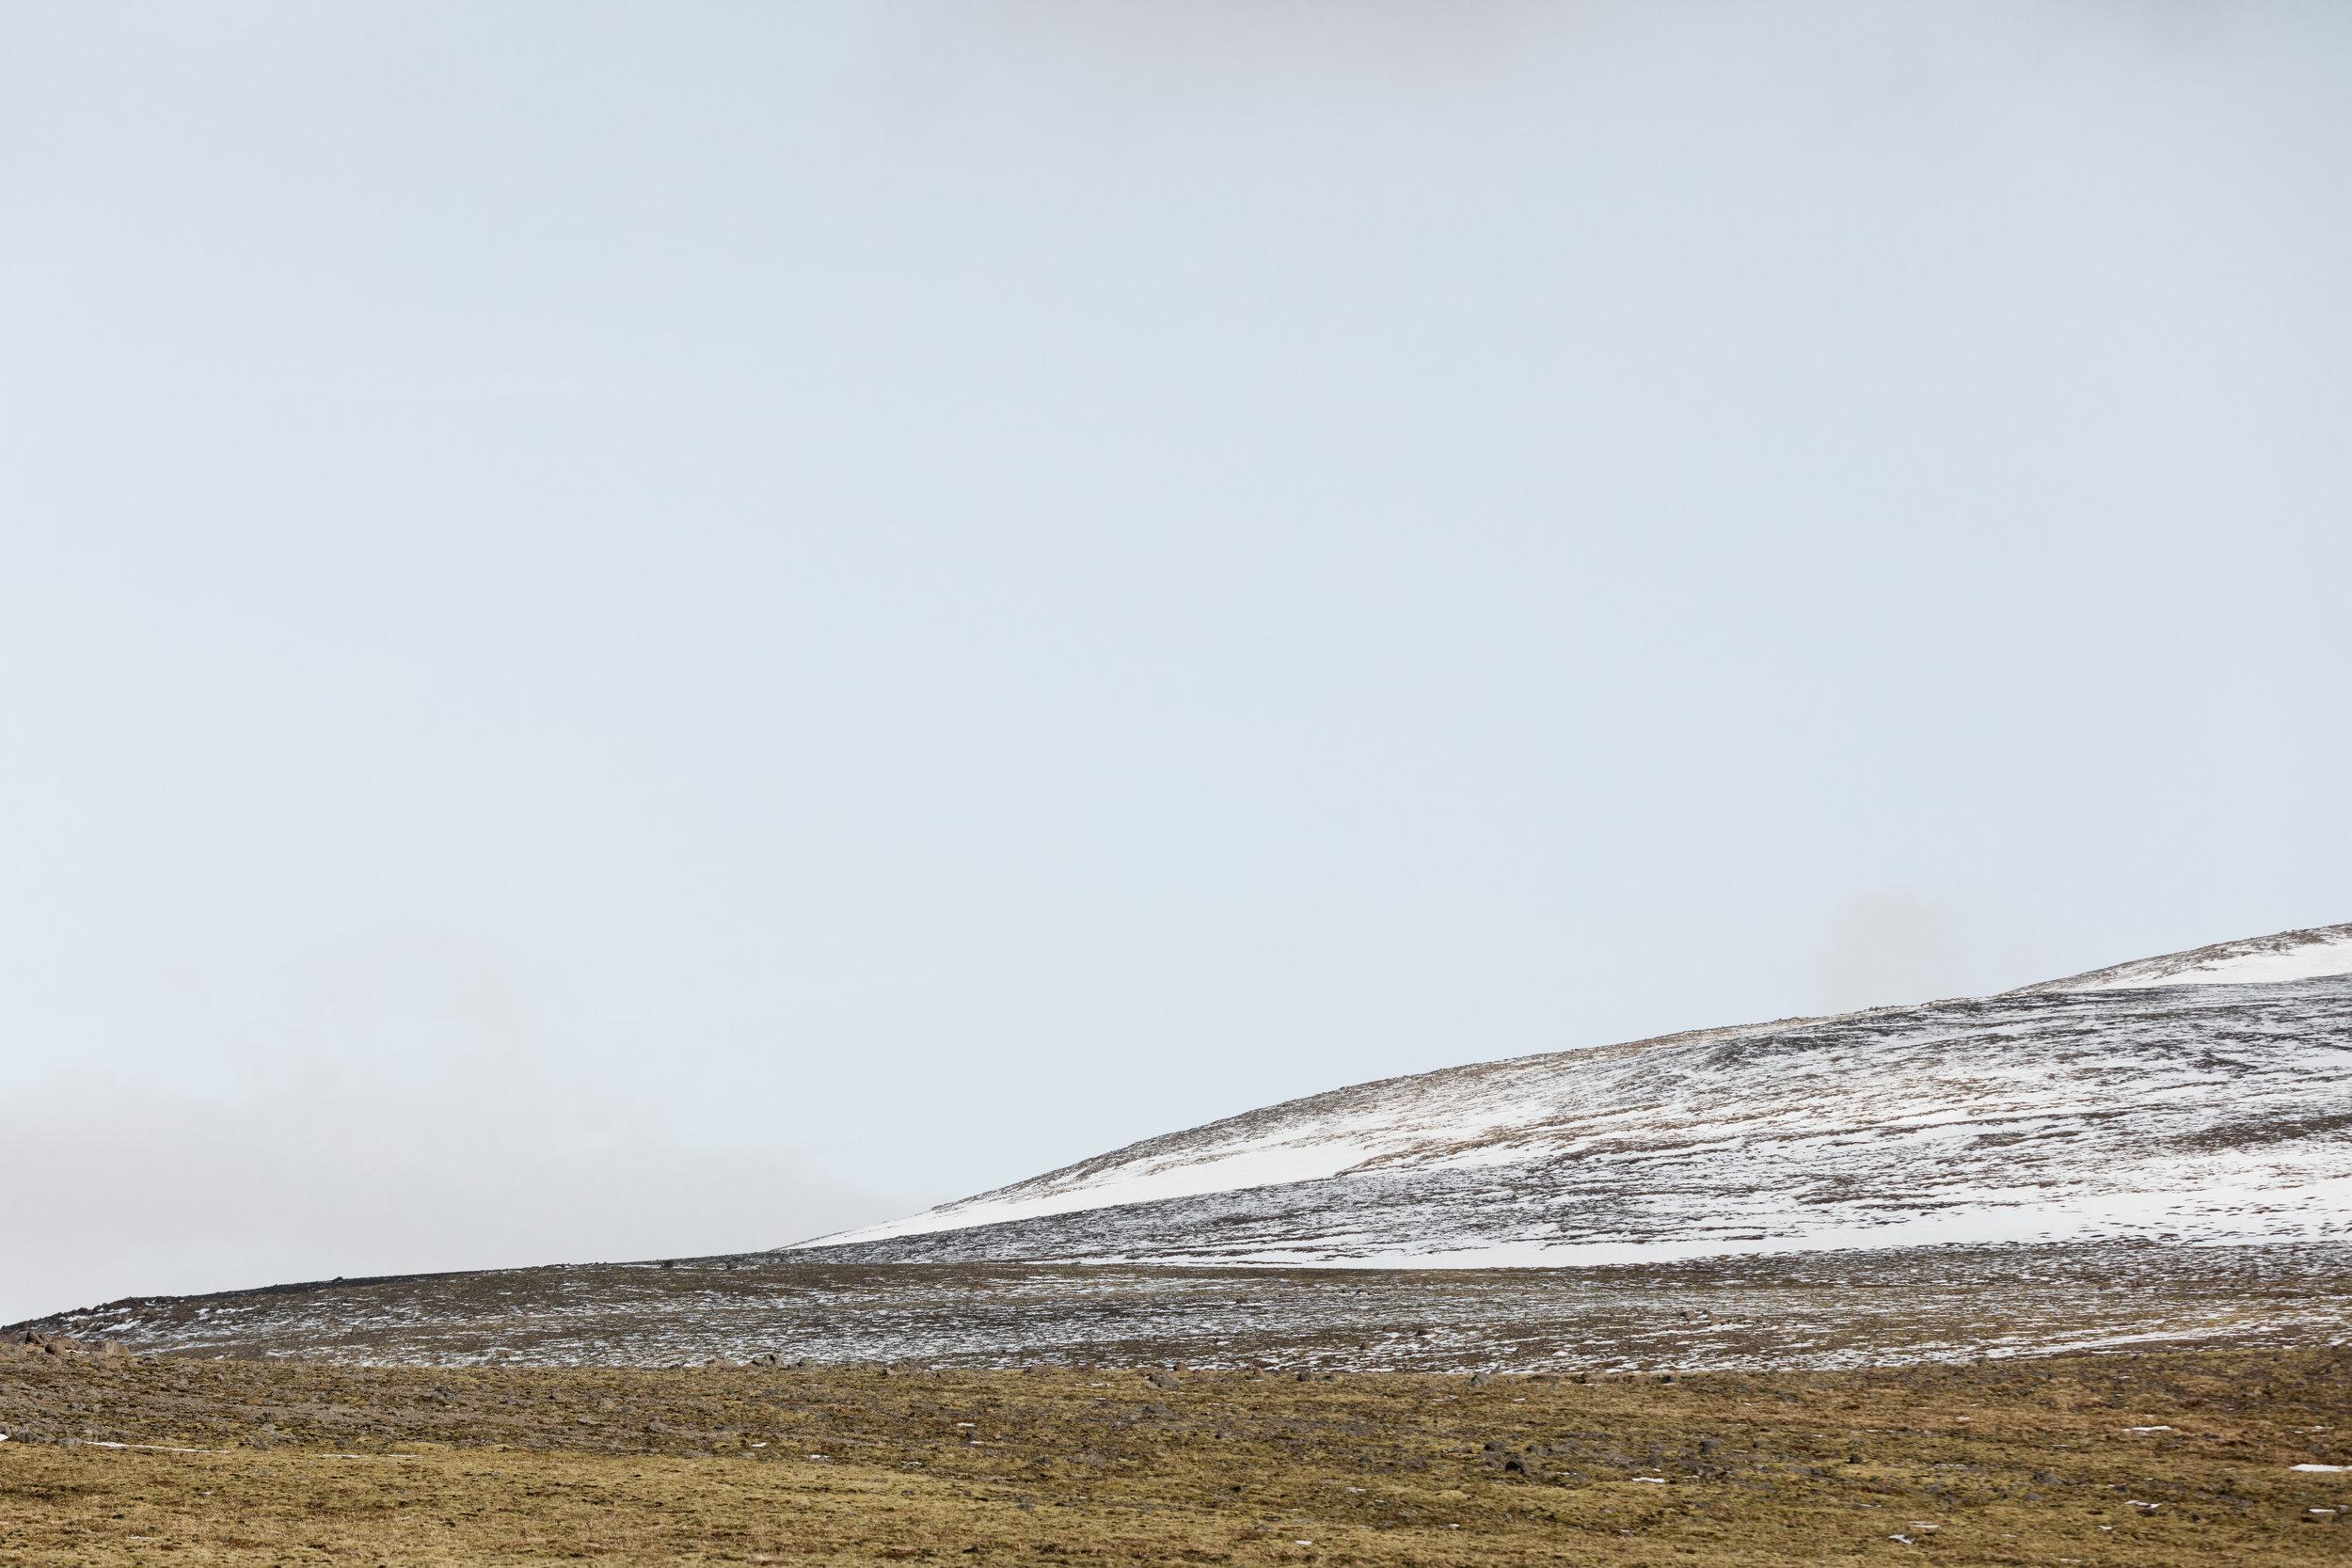 The Fox Plateau - Faune